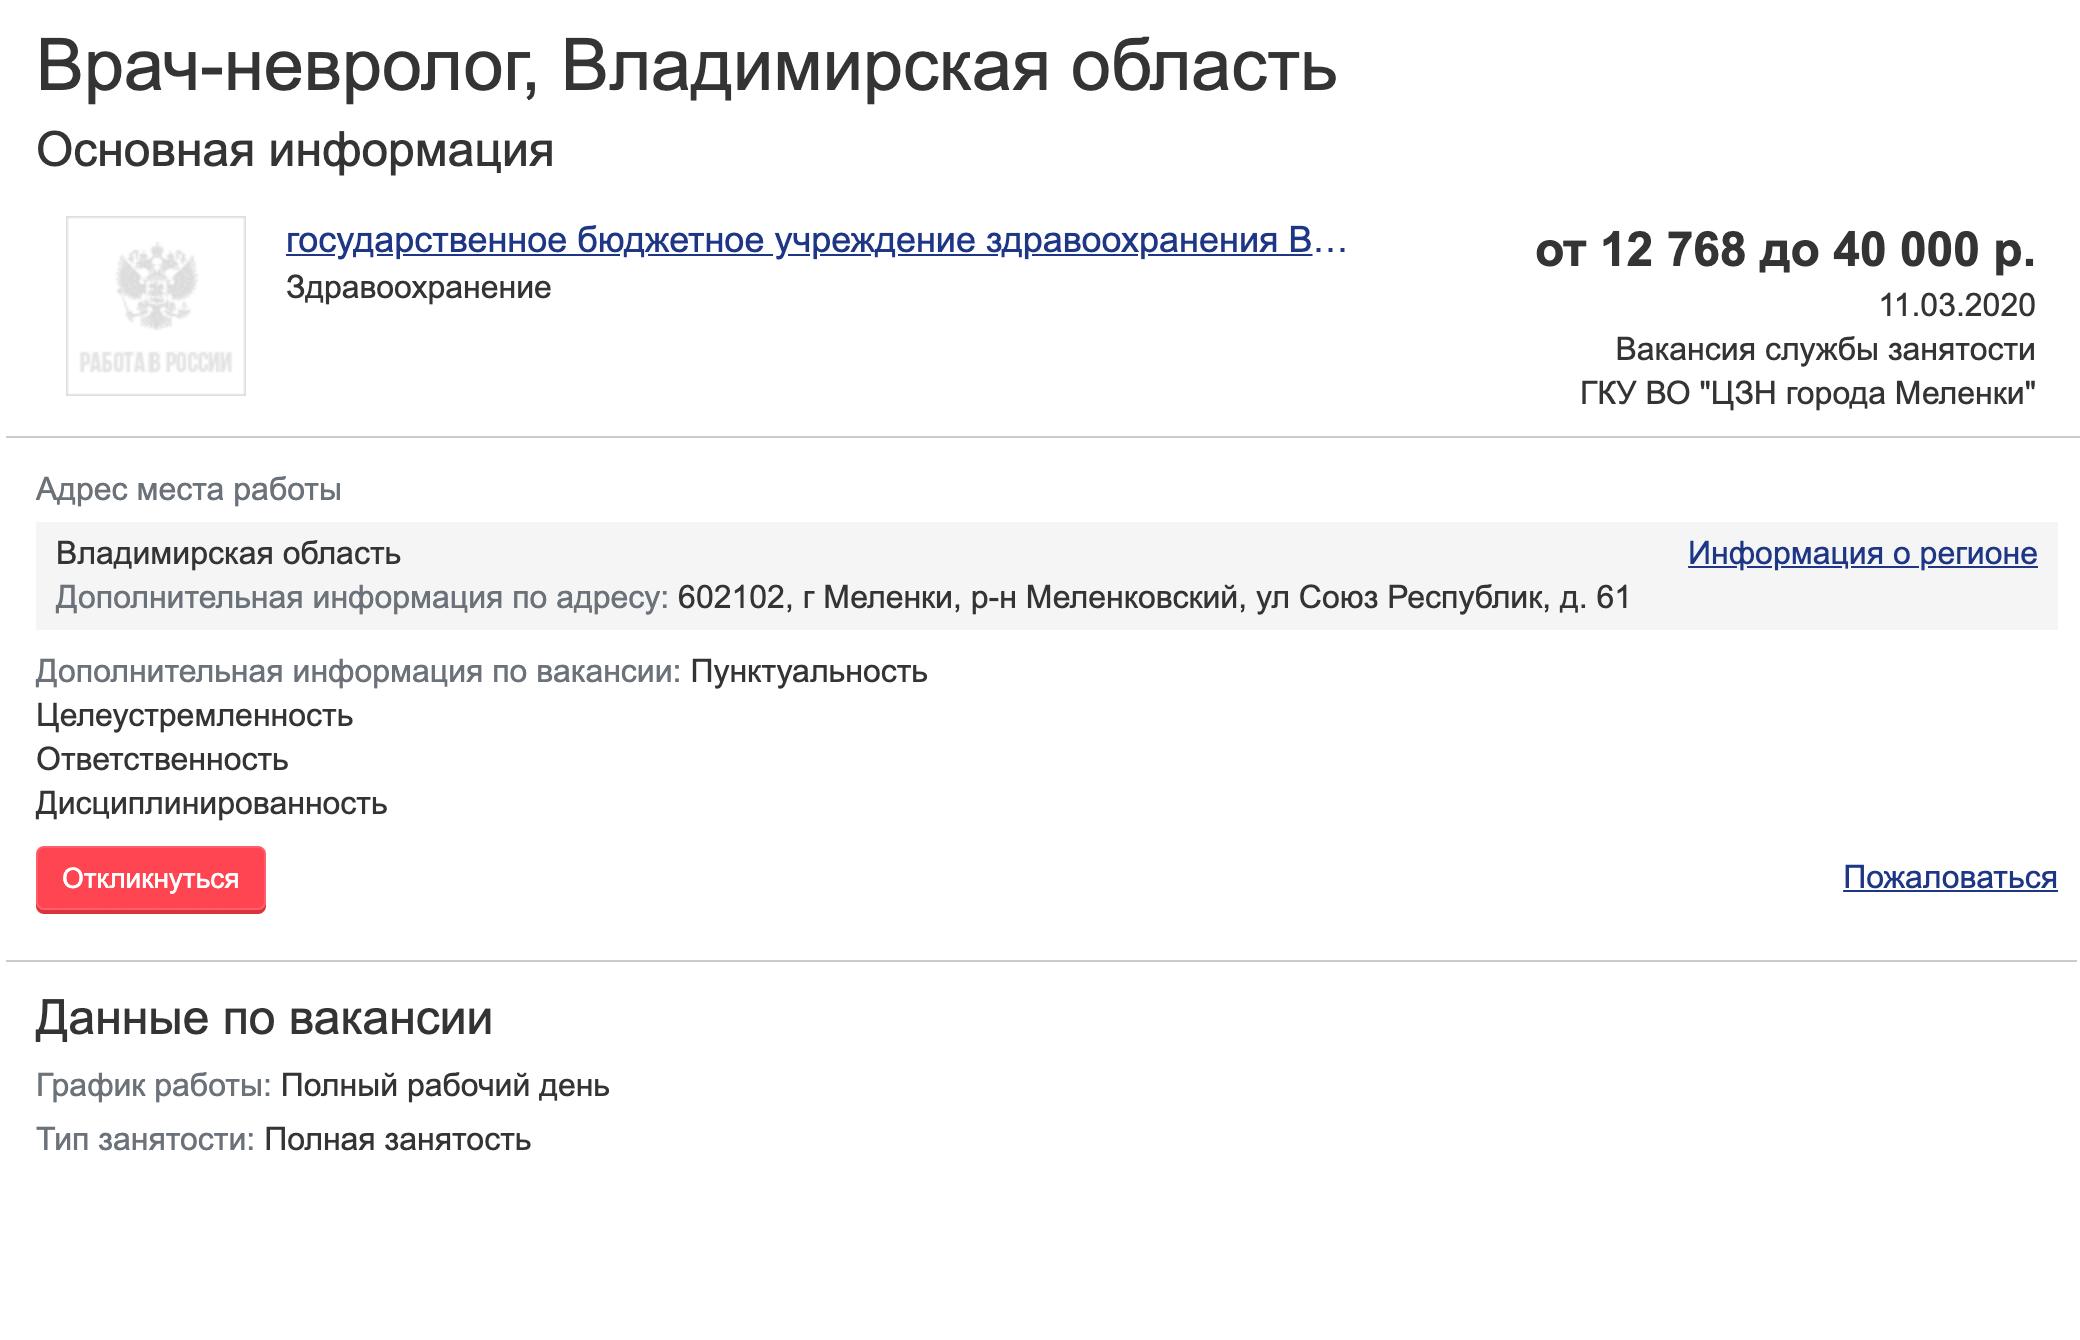 Неврологу вМеленковской районной больнице Владимирской области предлагают от12,8 до40тысяч рублей. Средняя зарплата порегиону — 32,3тысячи рублей